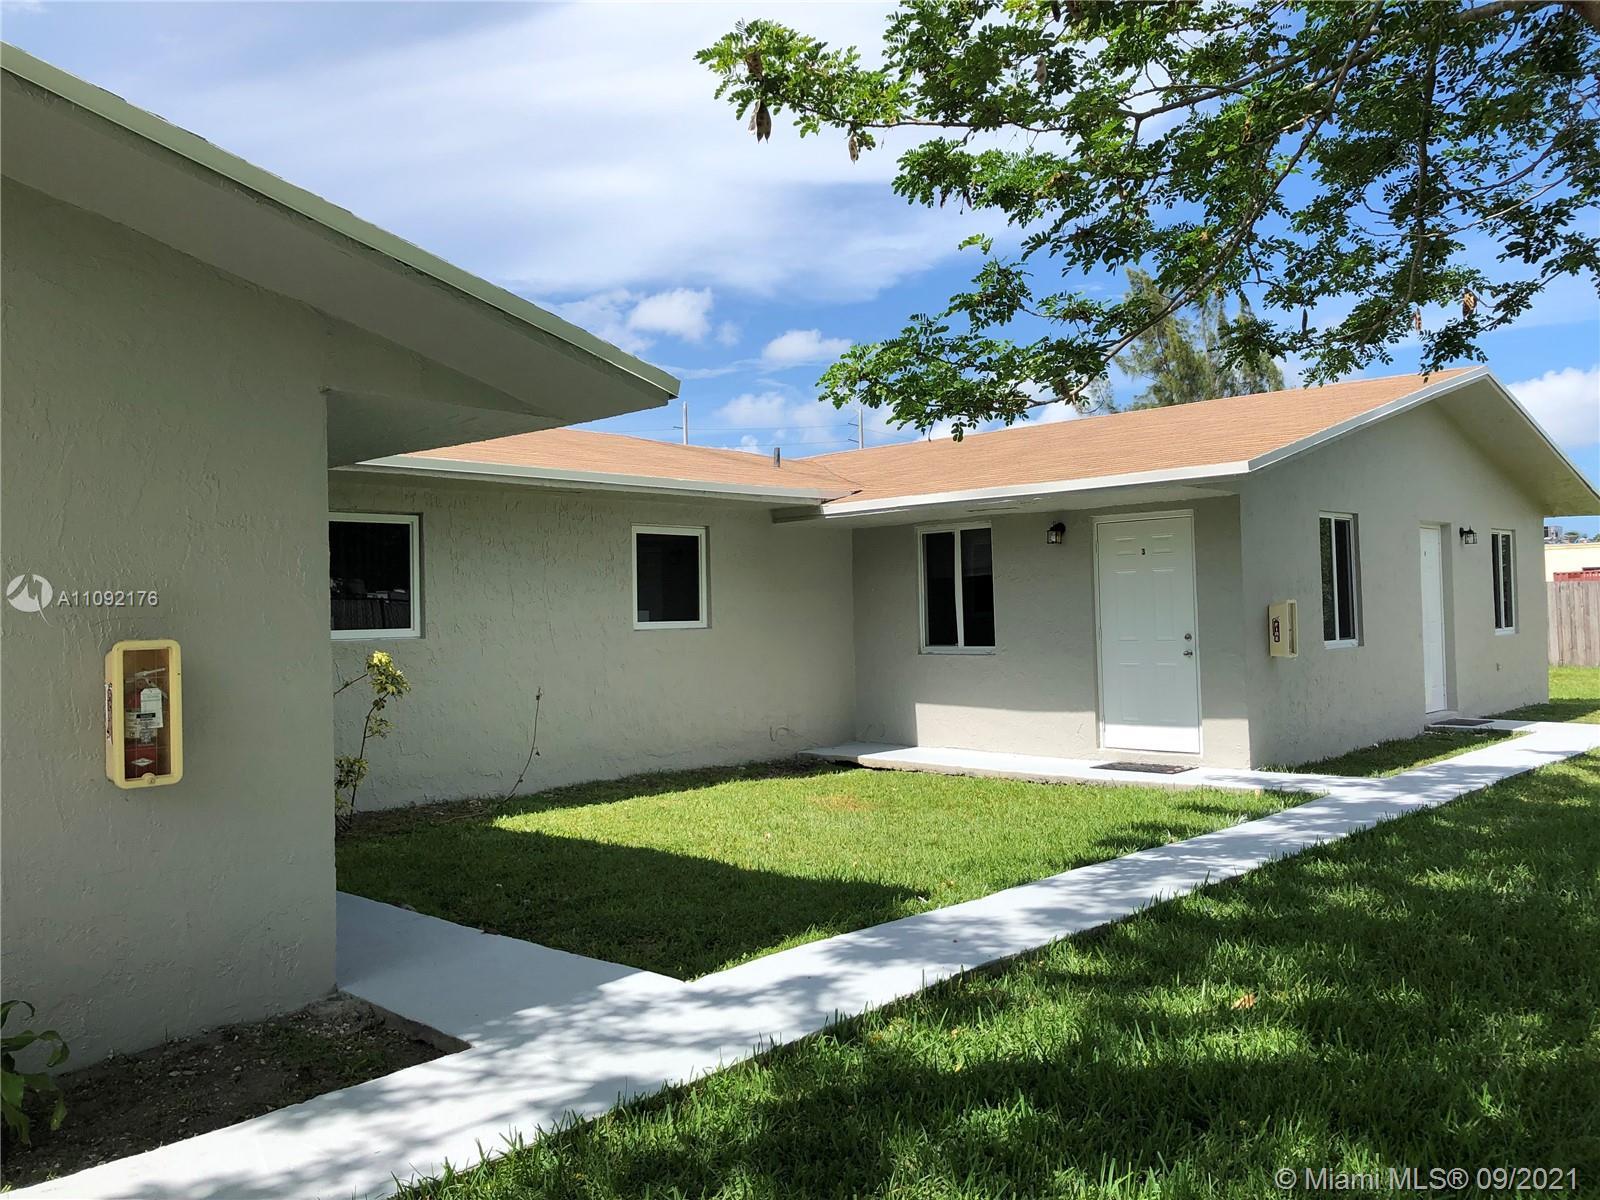 , Miami, Florida 33150